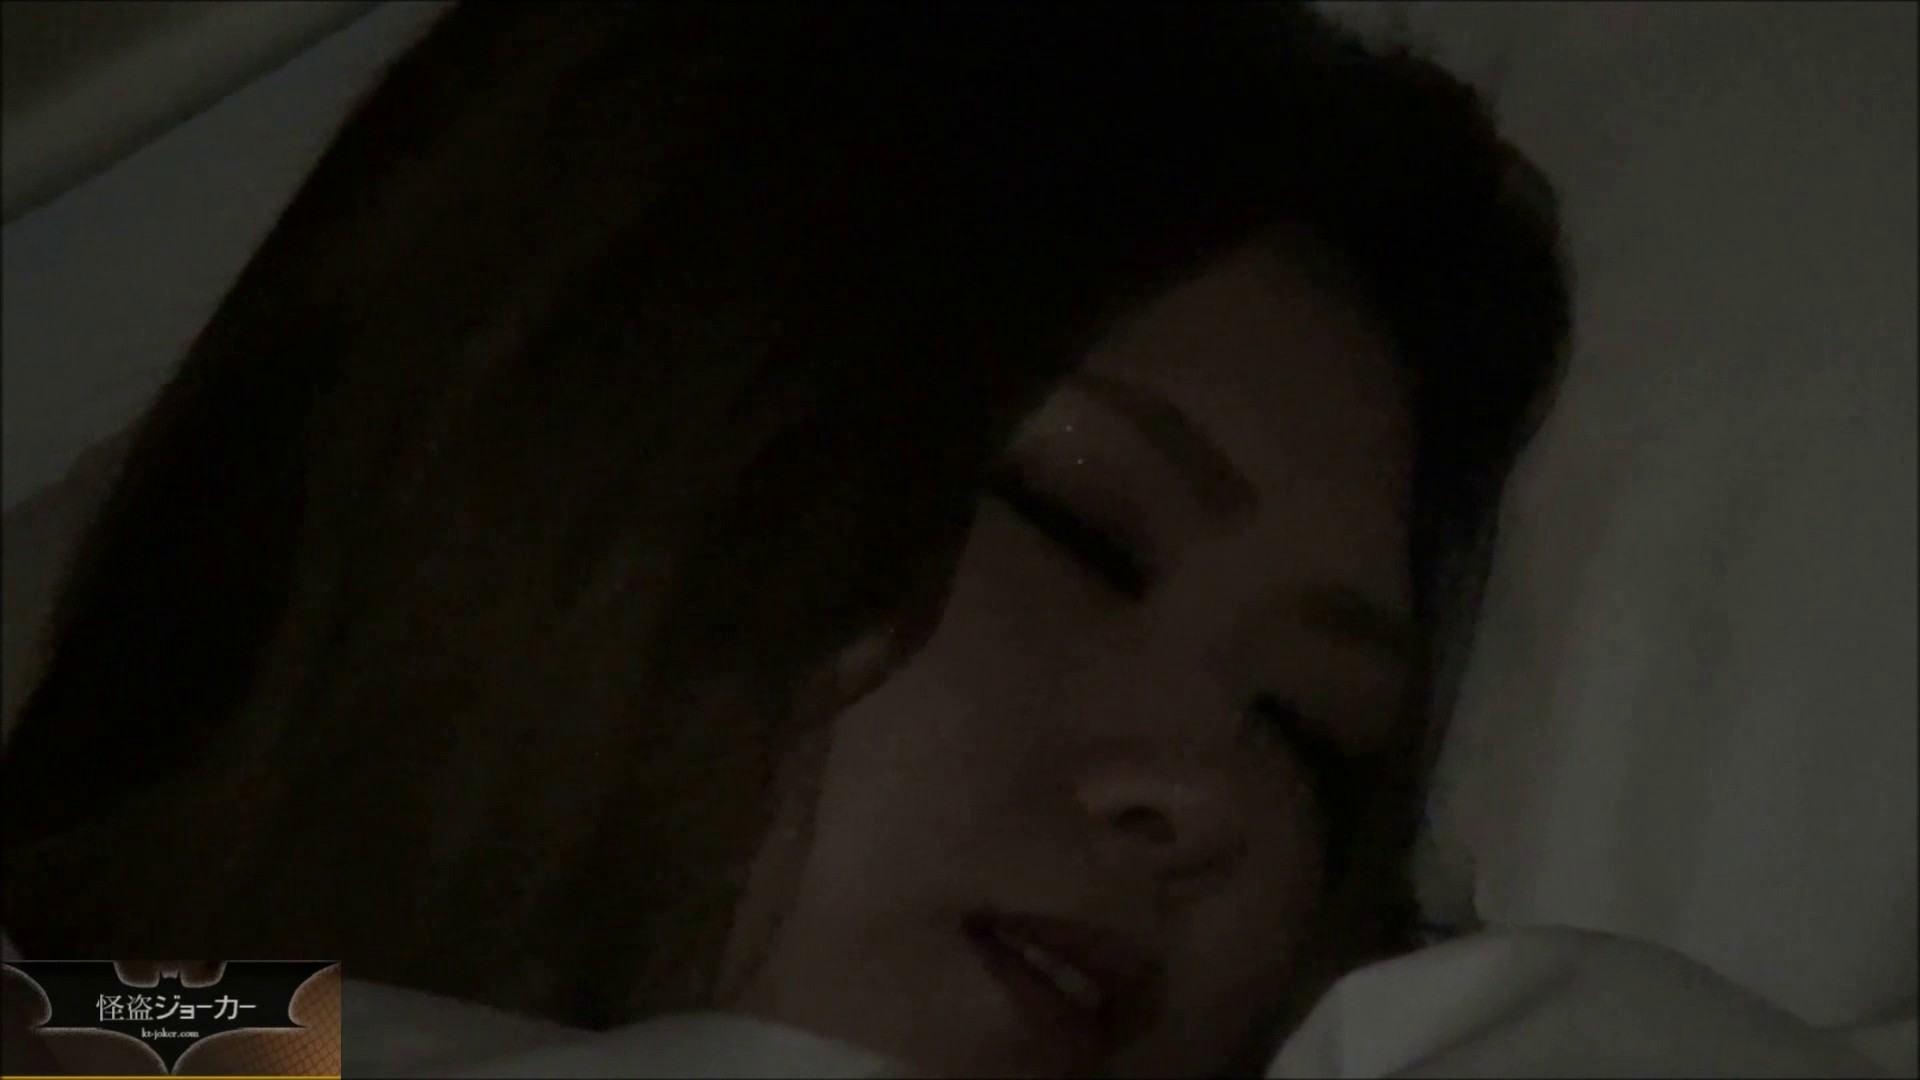 【未公開】vol.64 美形大生、YIちゃんとの出会い。 いじくり  98画像 6